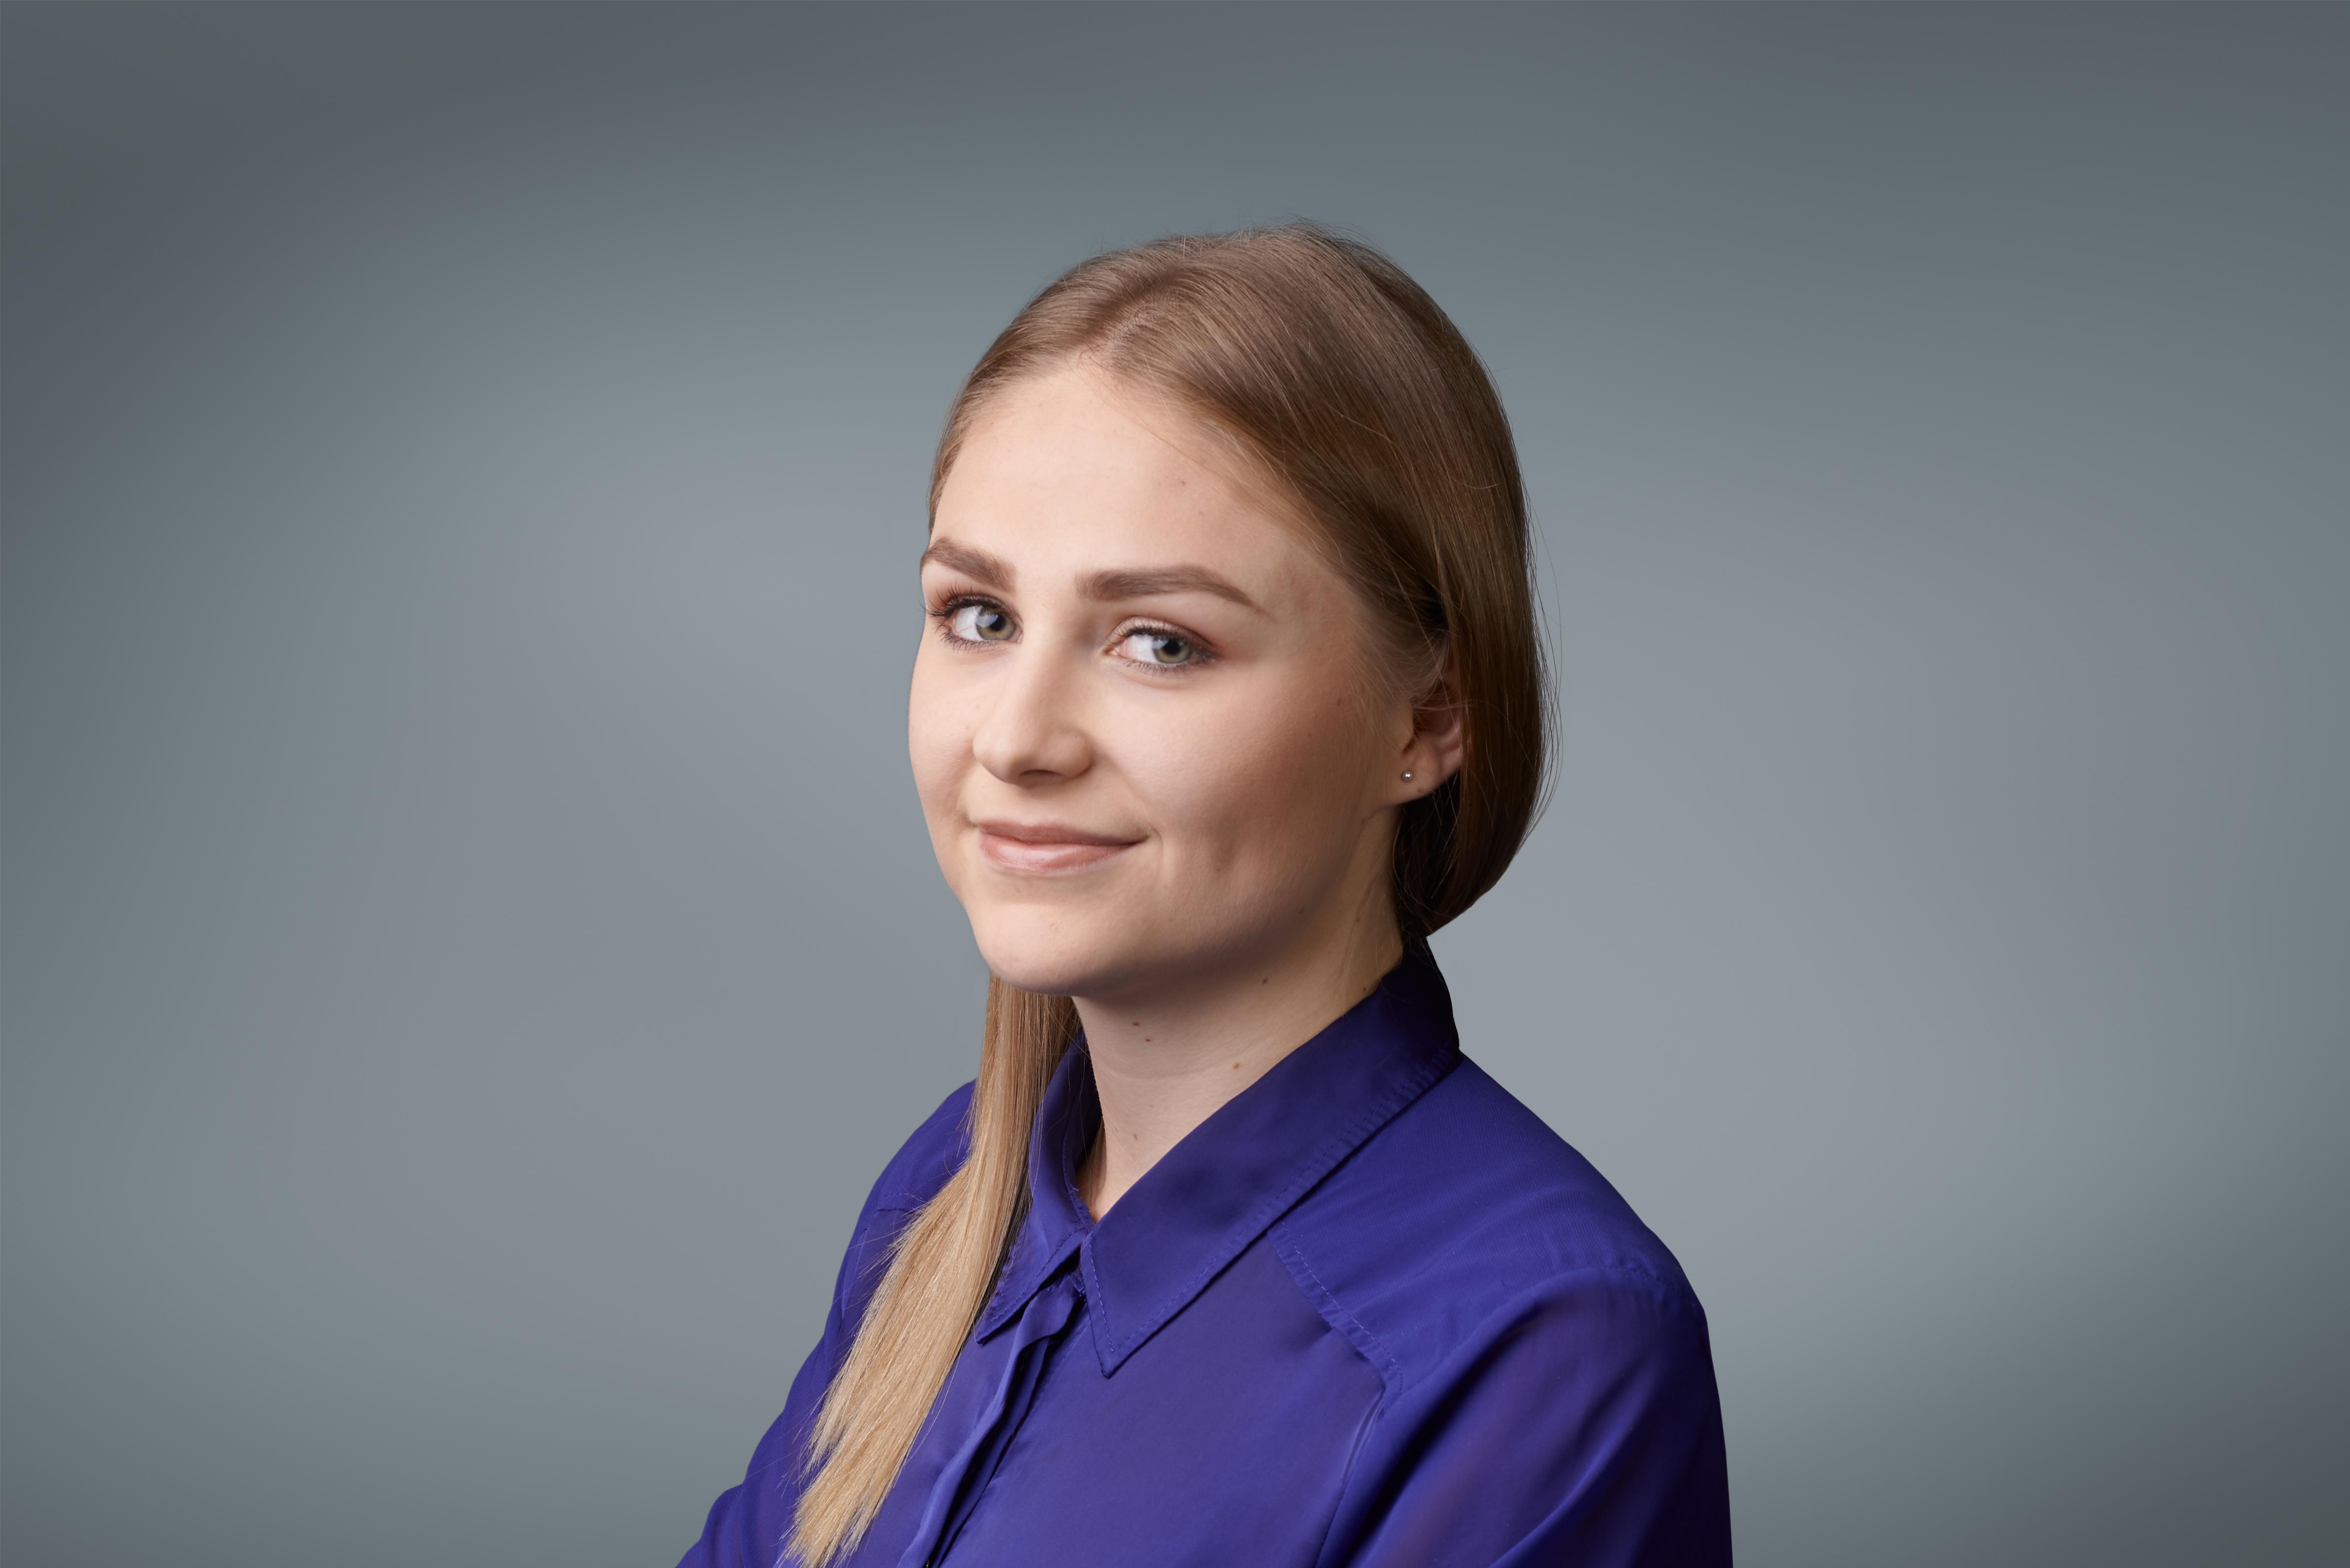 Martyna Karwan